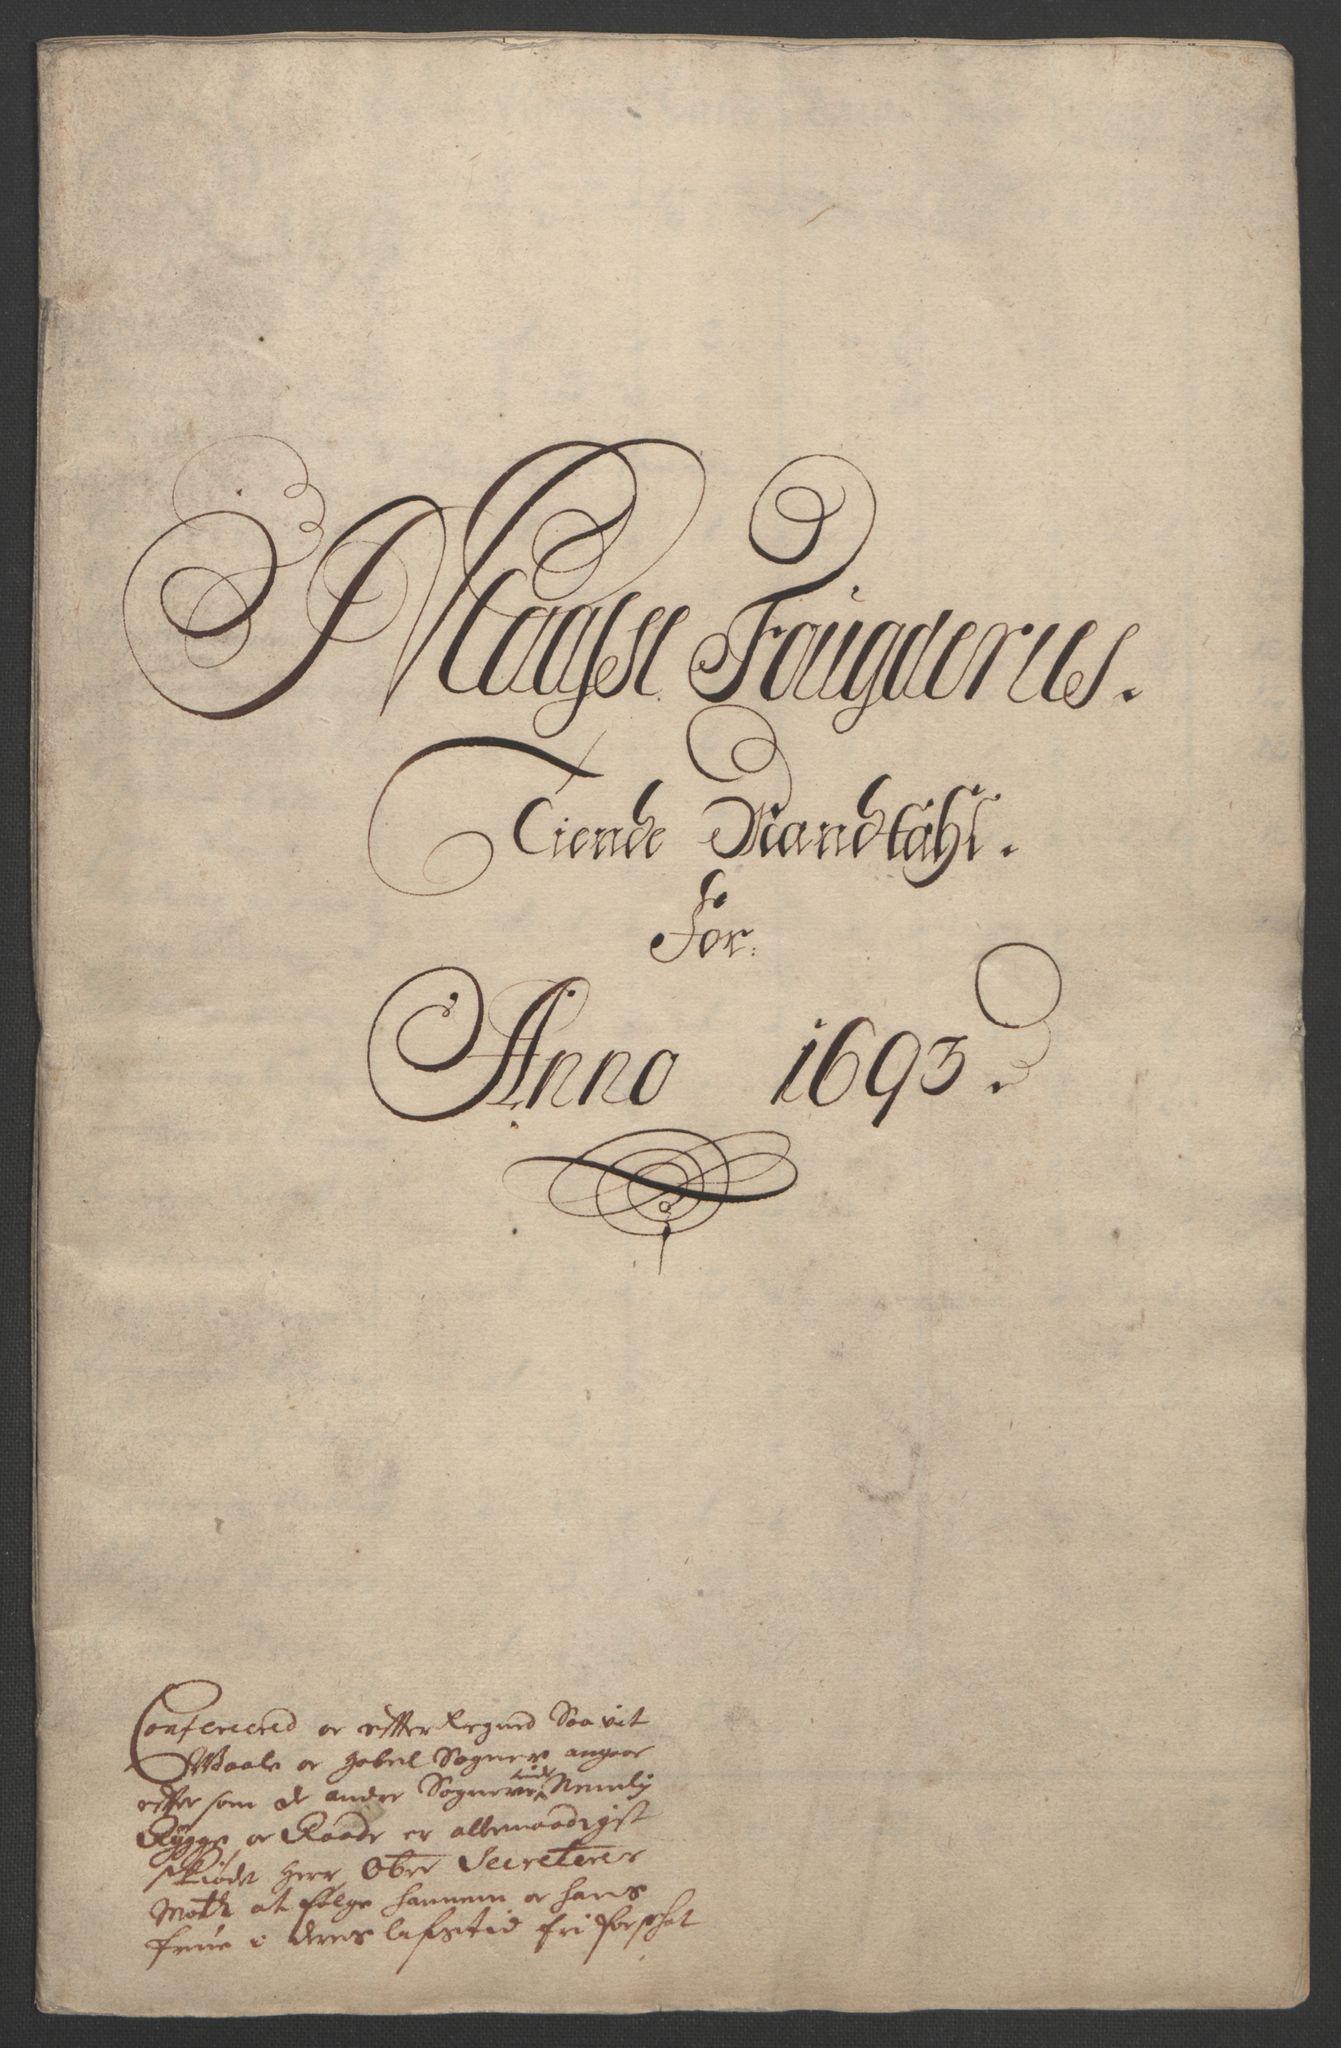 RA, Rentekammeret inntil 1814, Reviderte regnskaper, Fogderegnskap, R02/L0108: Fogderegnskap Moss og Verne kloster, 1692-1693, s. 243